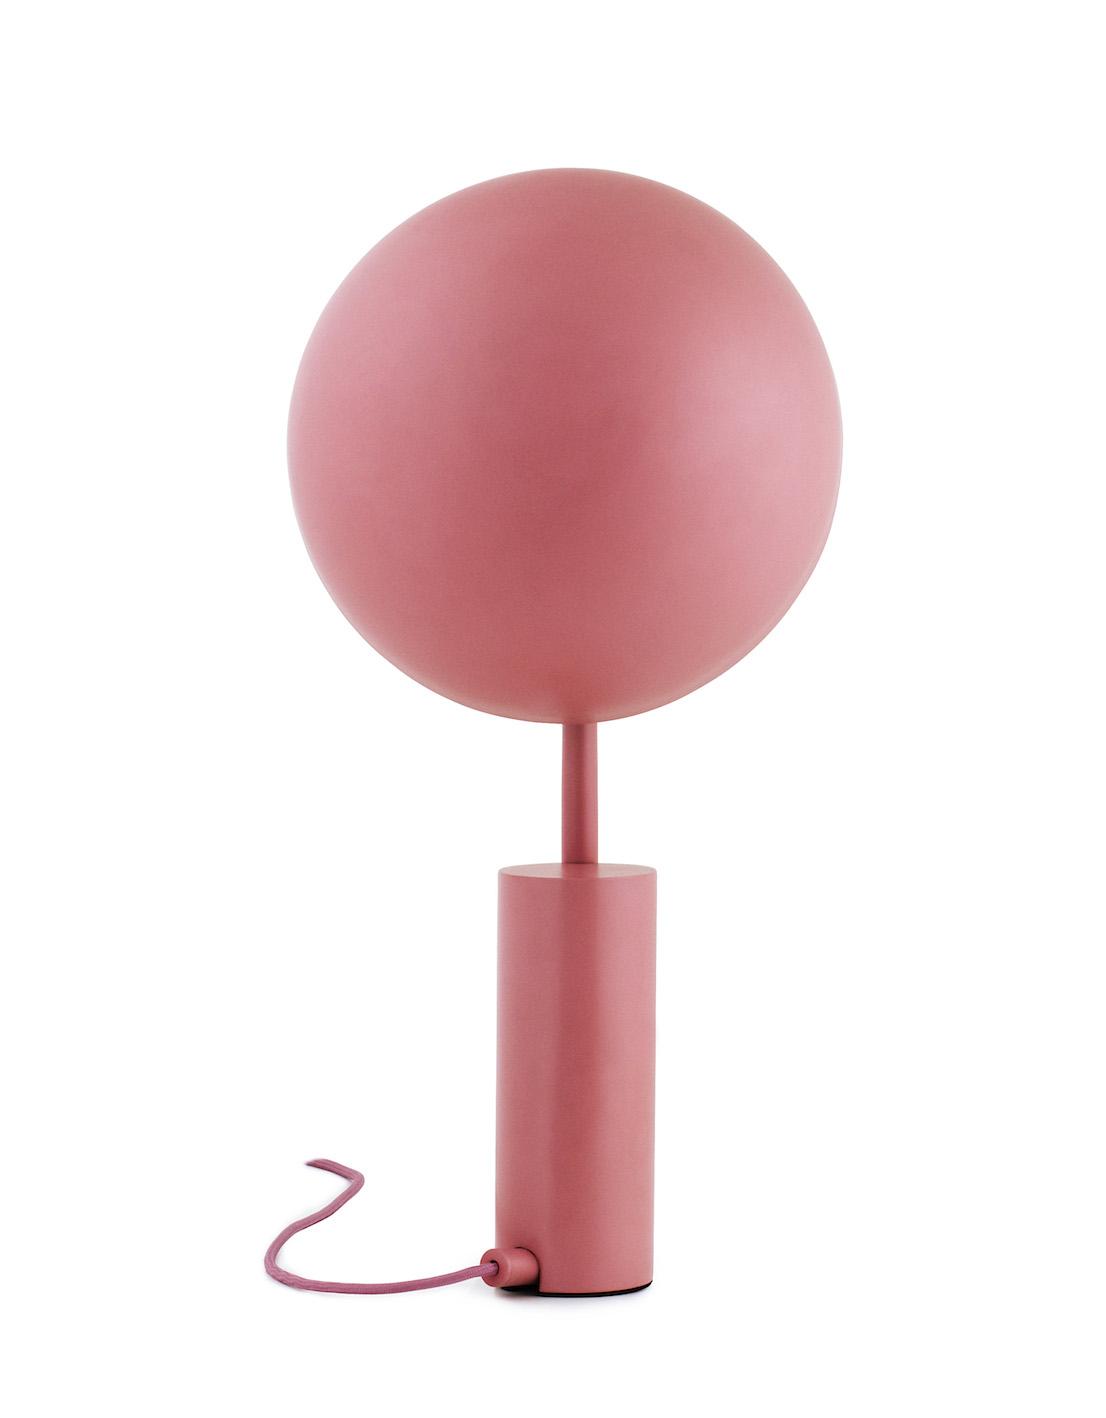 Lampada Cap, design by KaschKasch per Normann Copenhagen.